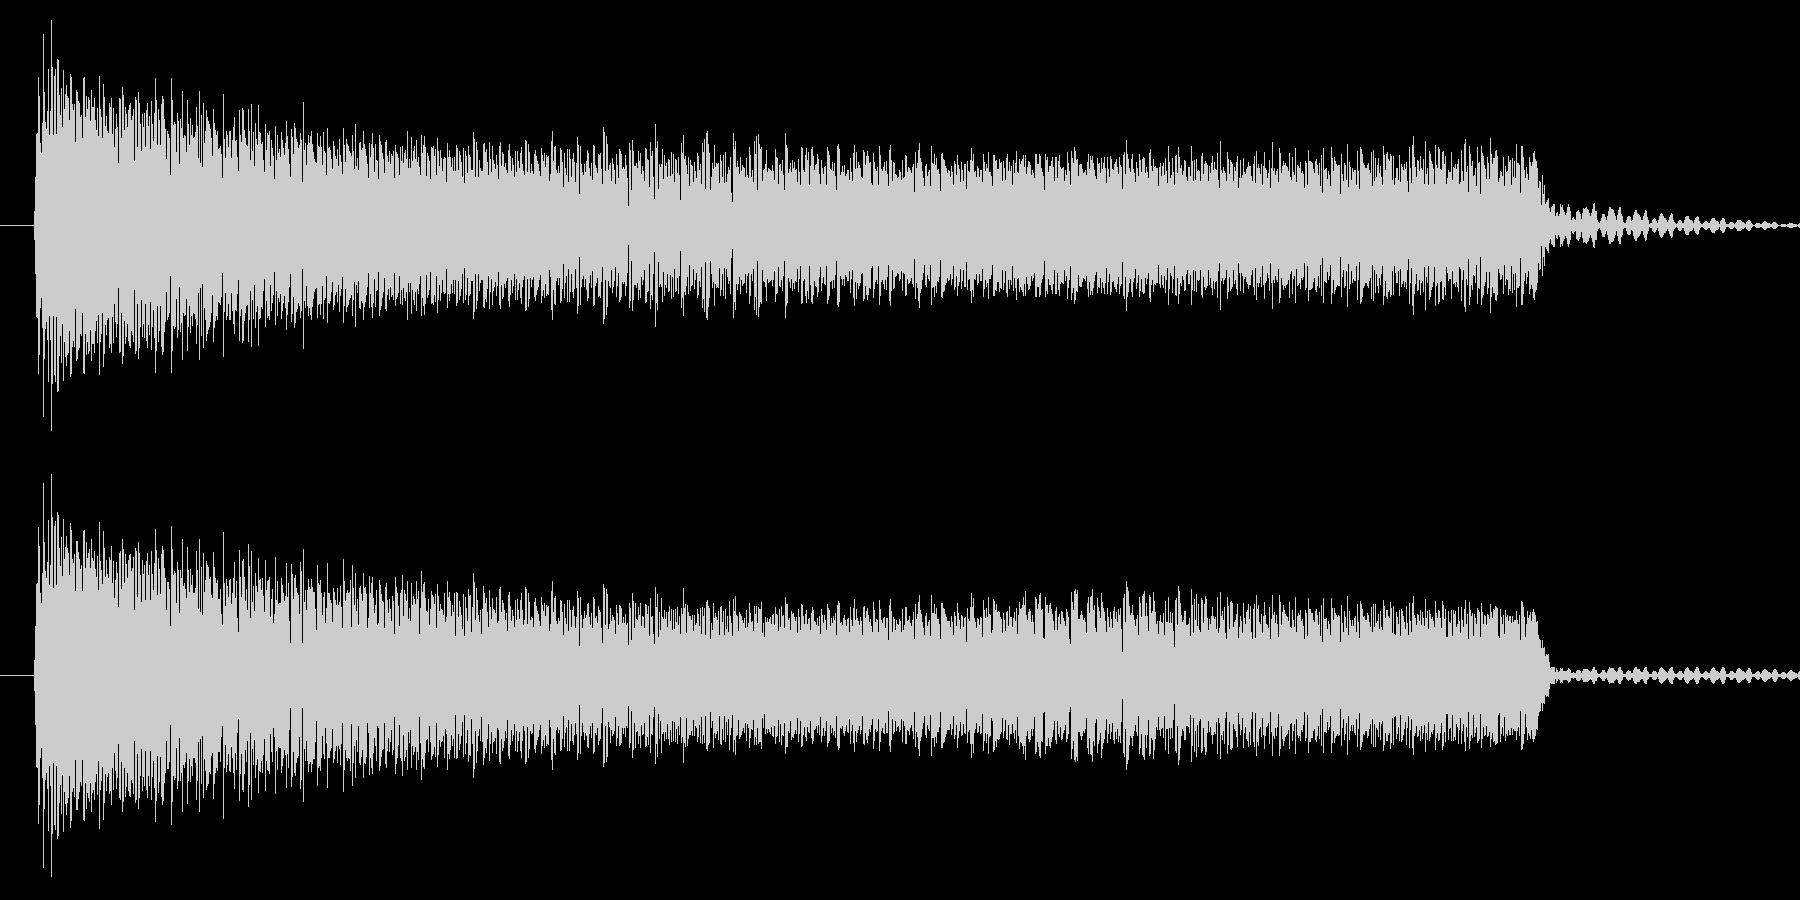 ブーッ/間違い/クイズの未再生の波形